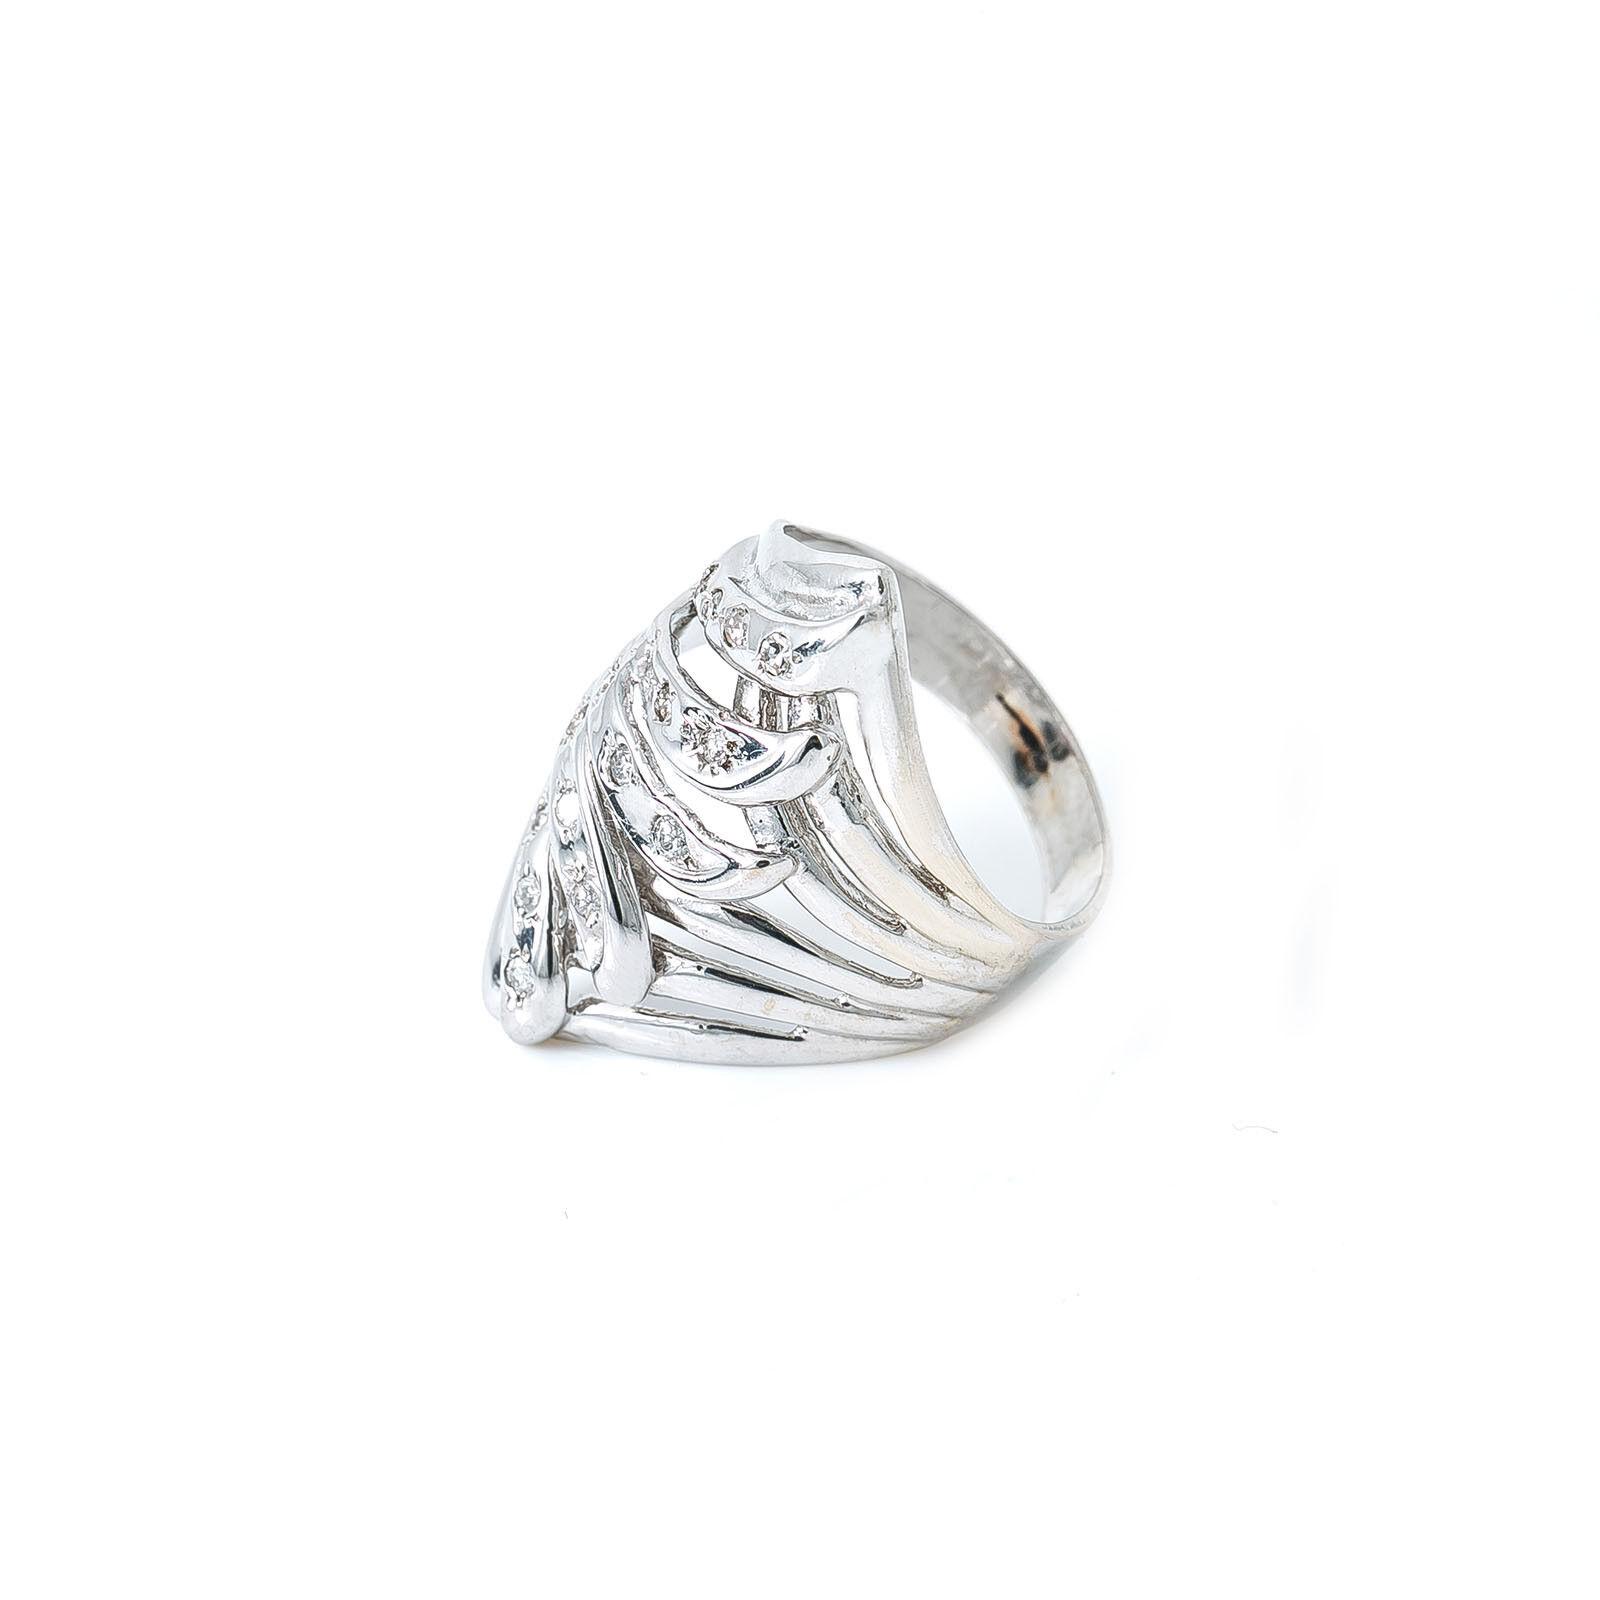 14K White gold Diamond Ring 6.3 Grams Ring Size 8